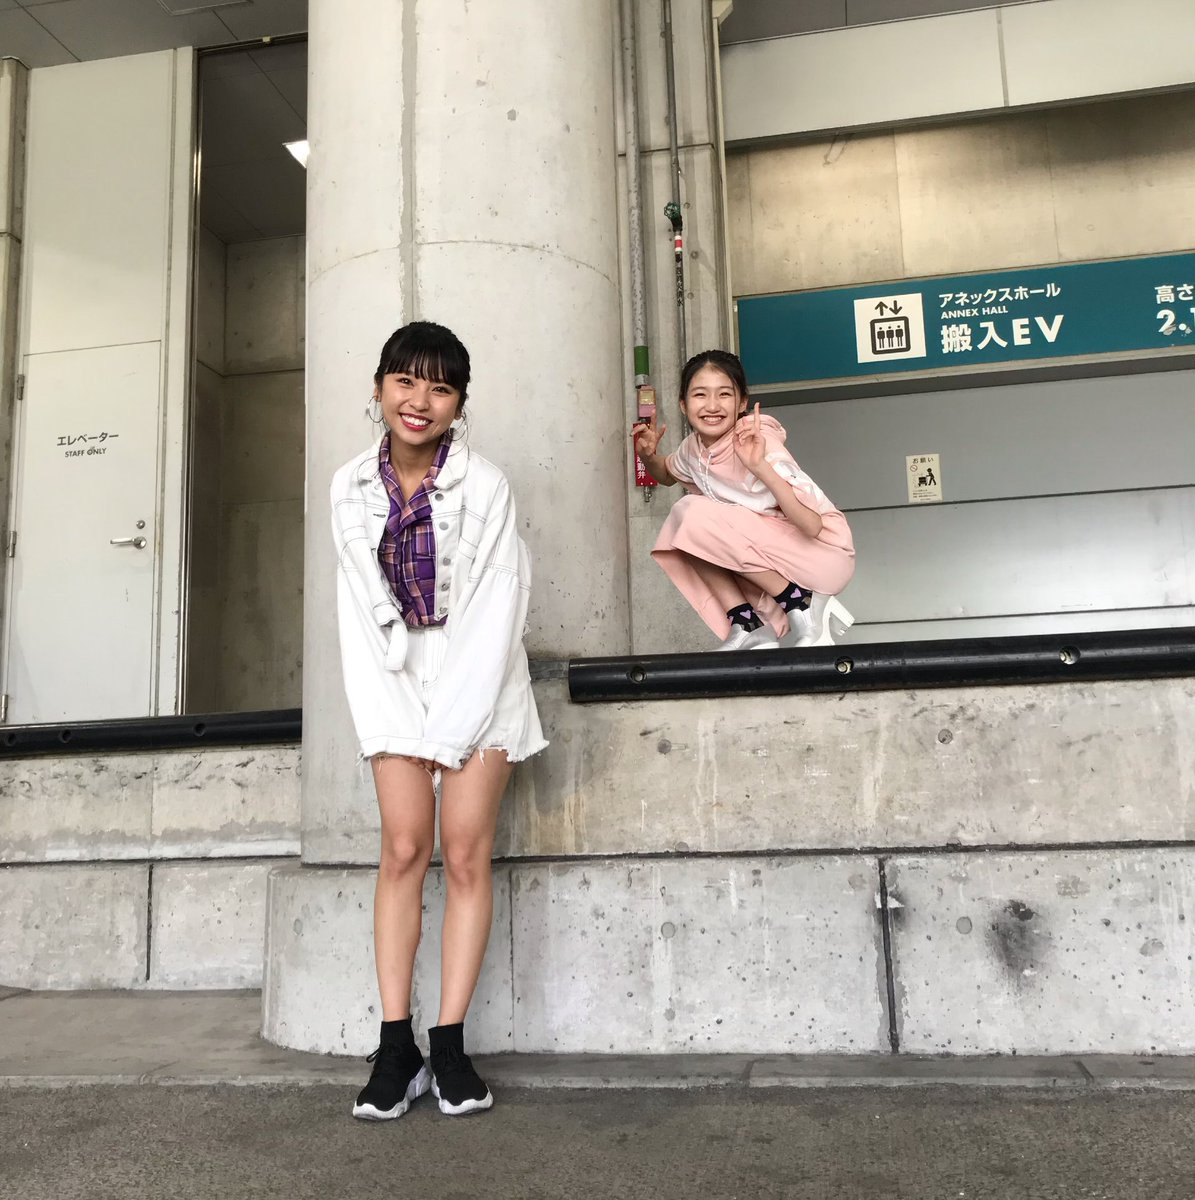 国民の姪っ子、NMB48の塩月希依音(しおつきけいと)がカワイすぎ!